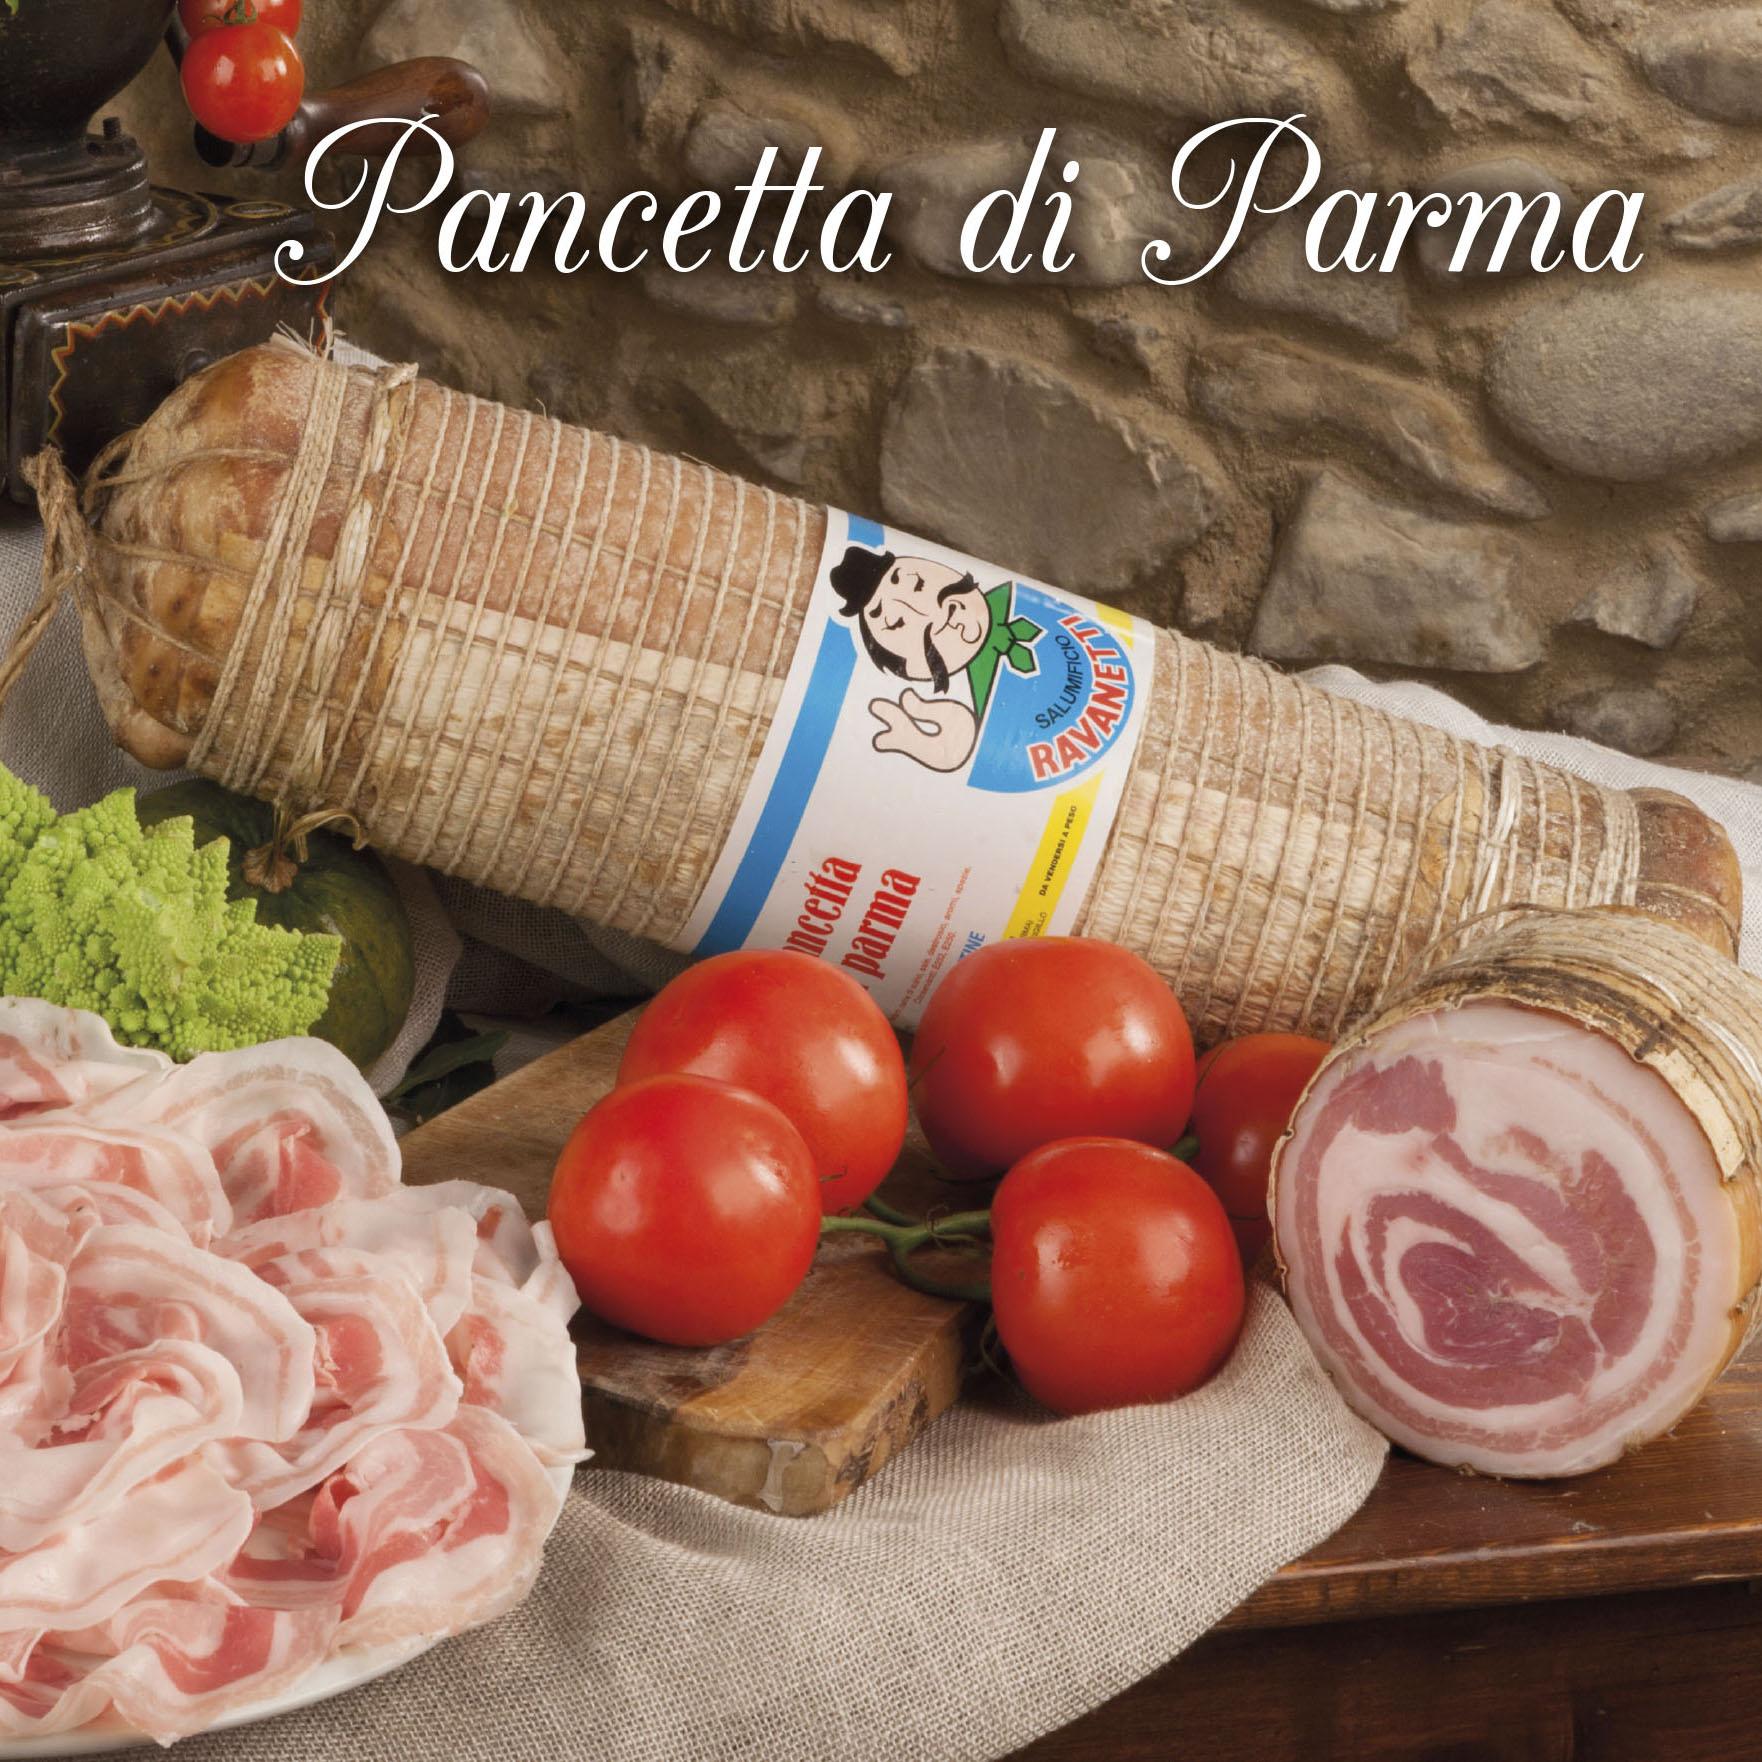 Pancetta di Parma